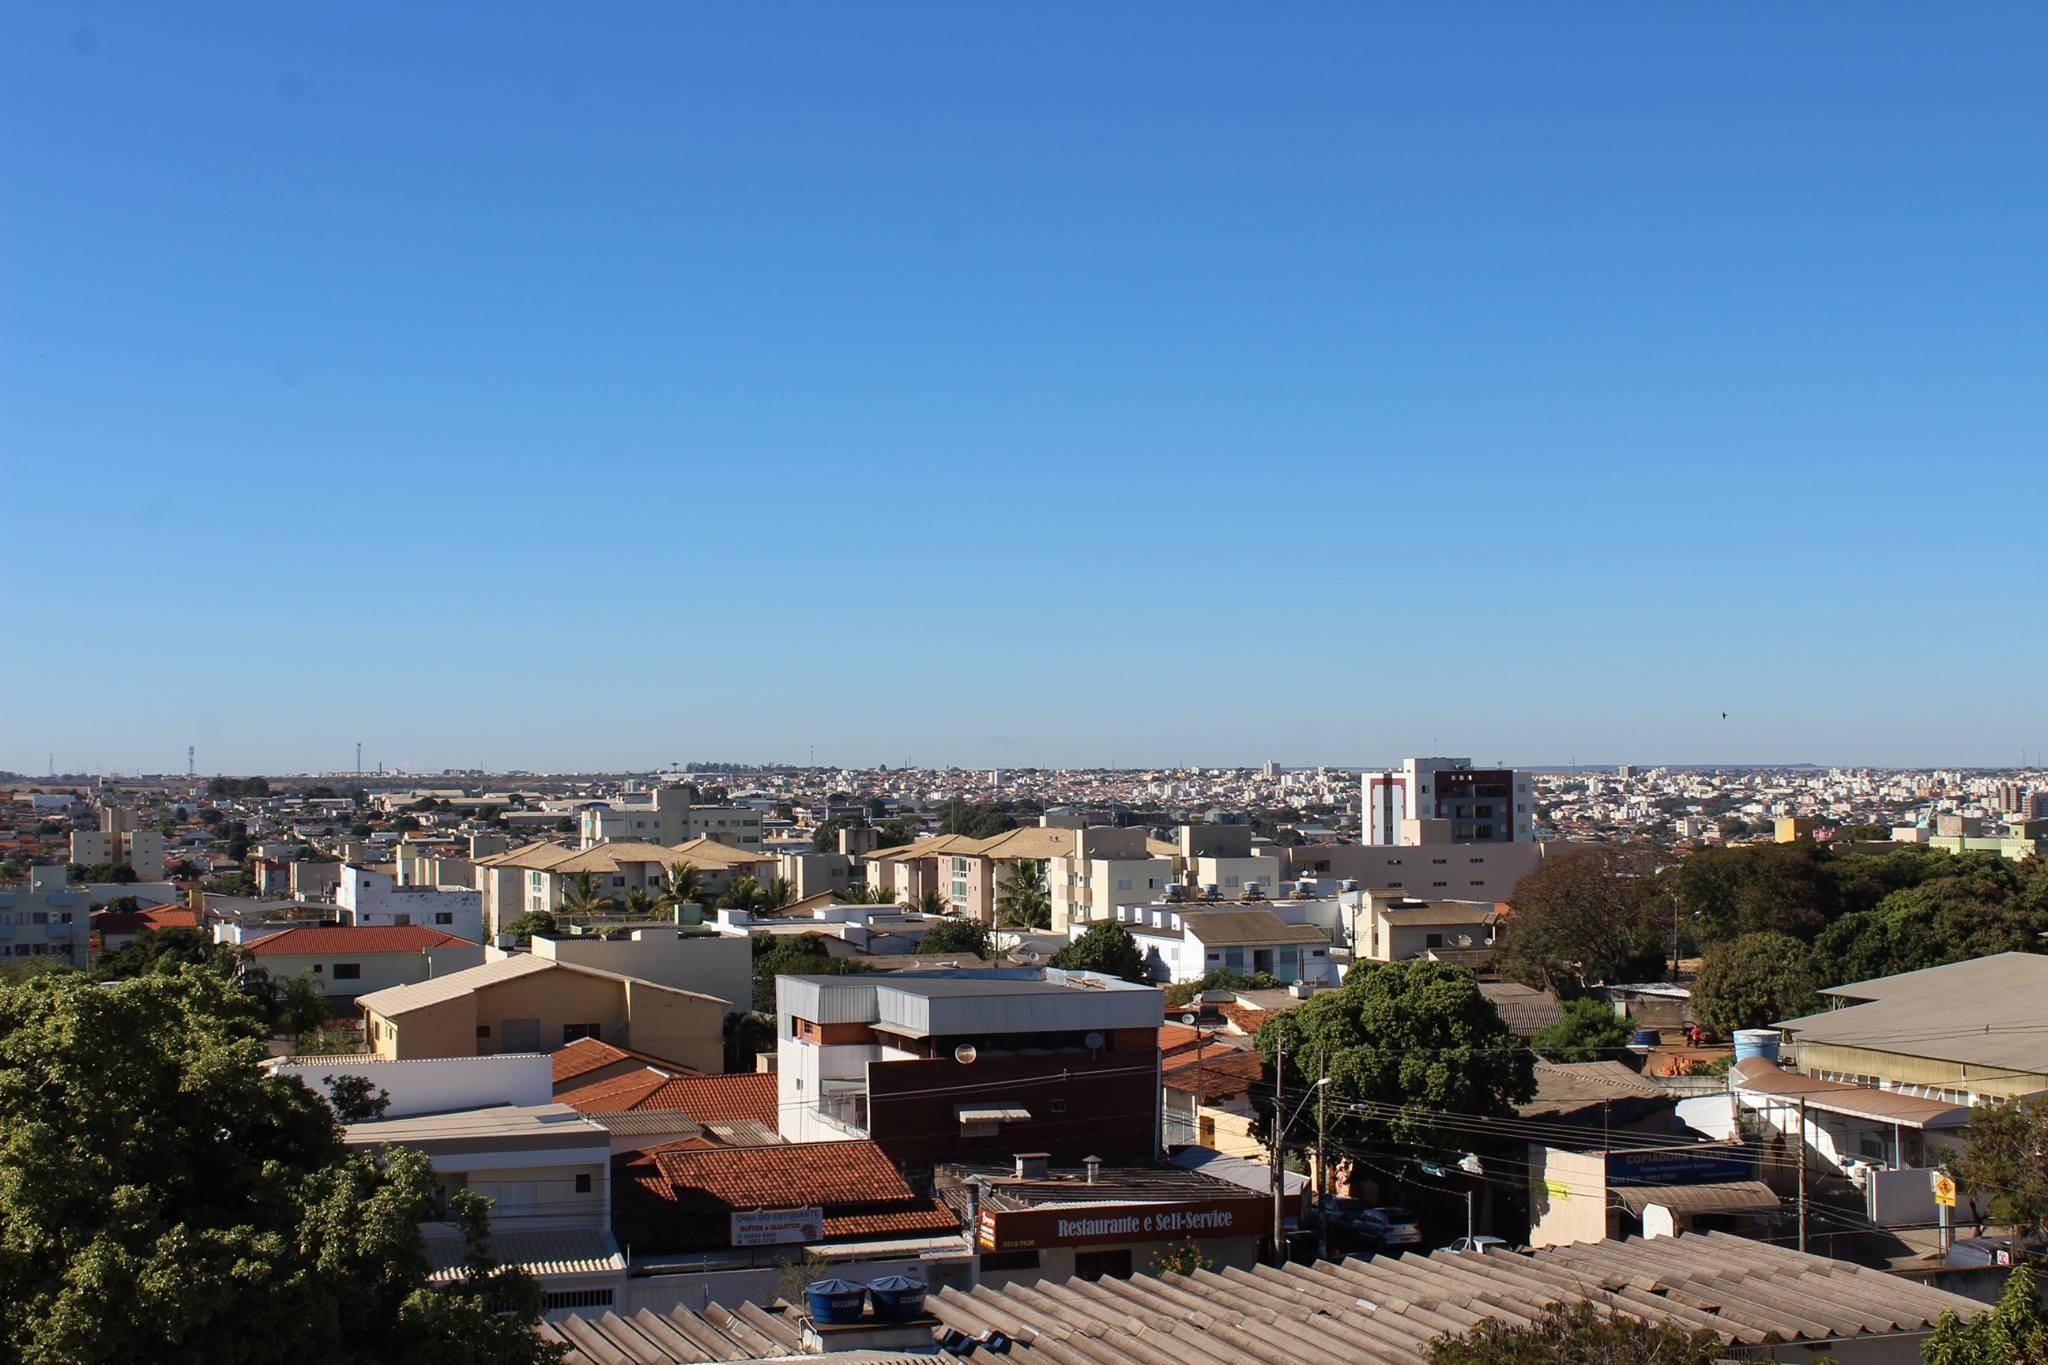 Umidade do ar pode atingir 20% durante fim de semana no Triângulo Mineiro e Alto Paranaíba